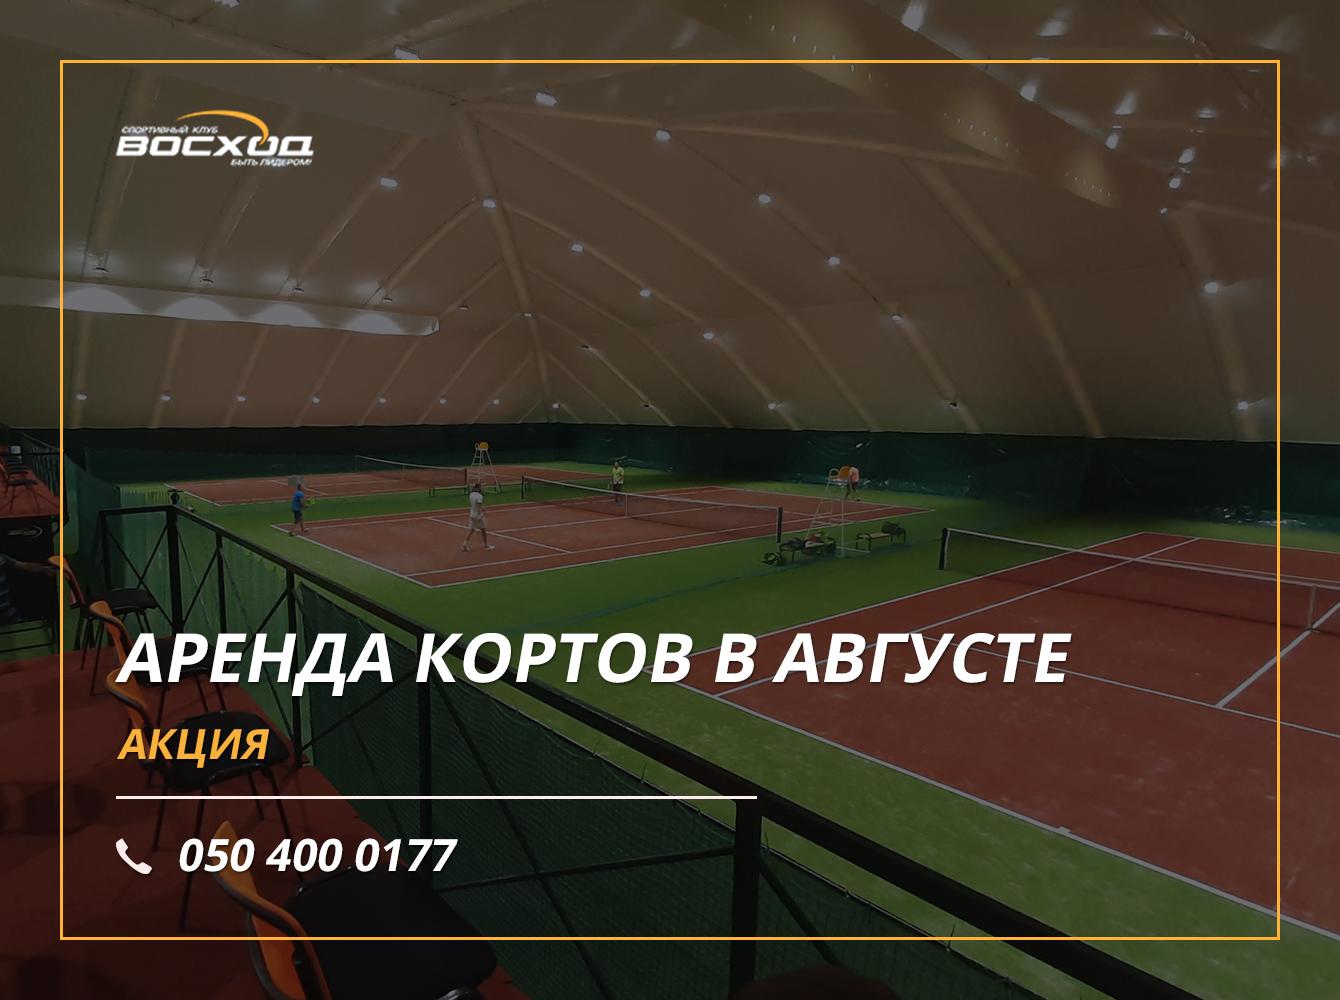 Аренда теннисных кортов со скидкой